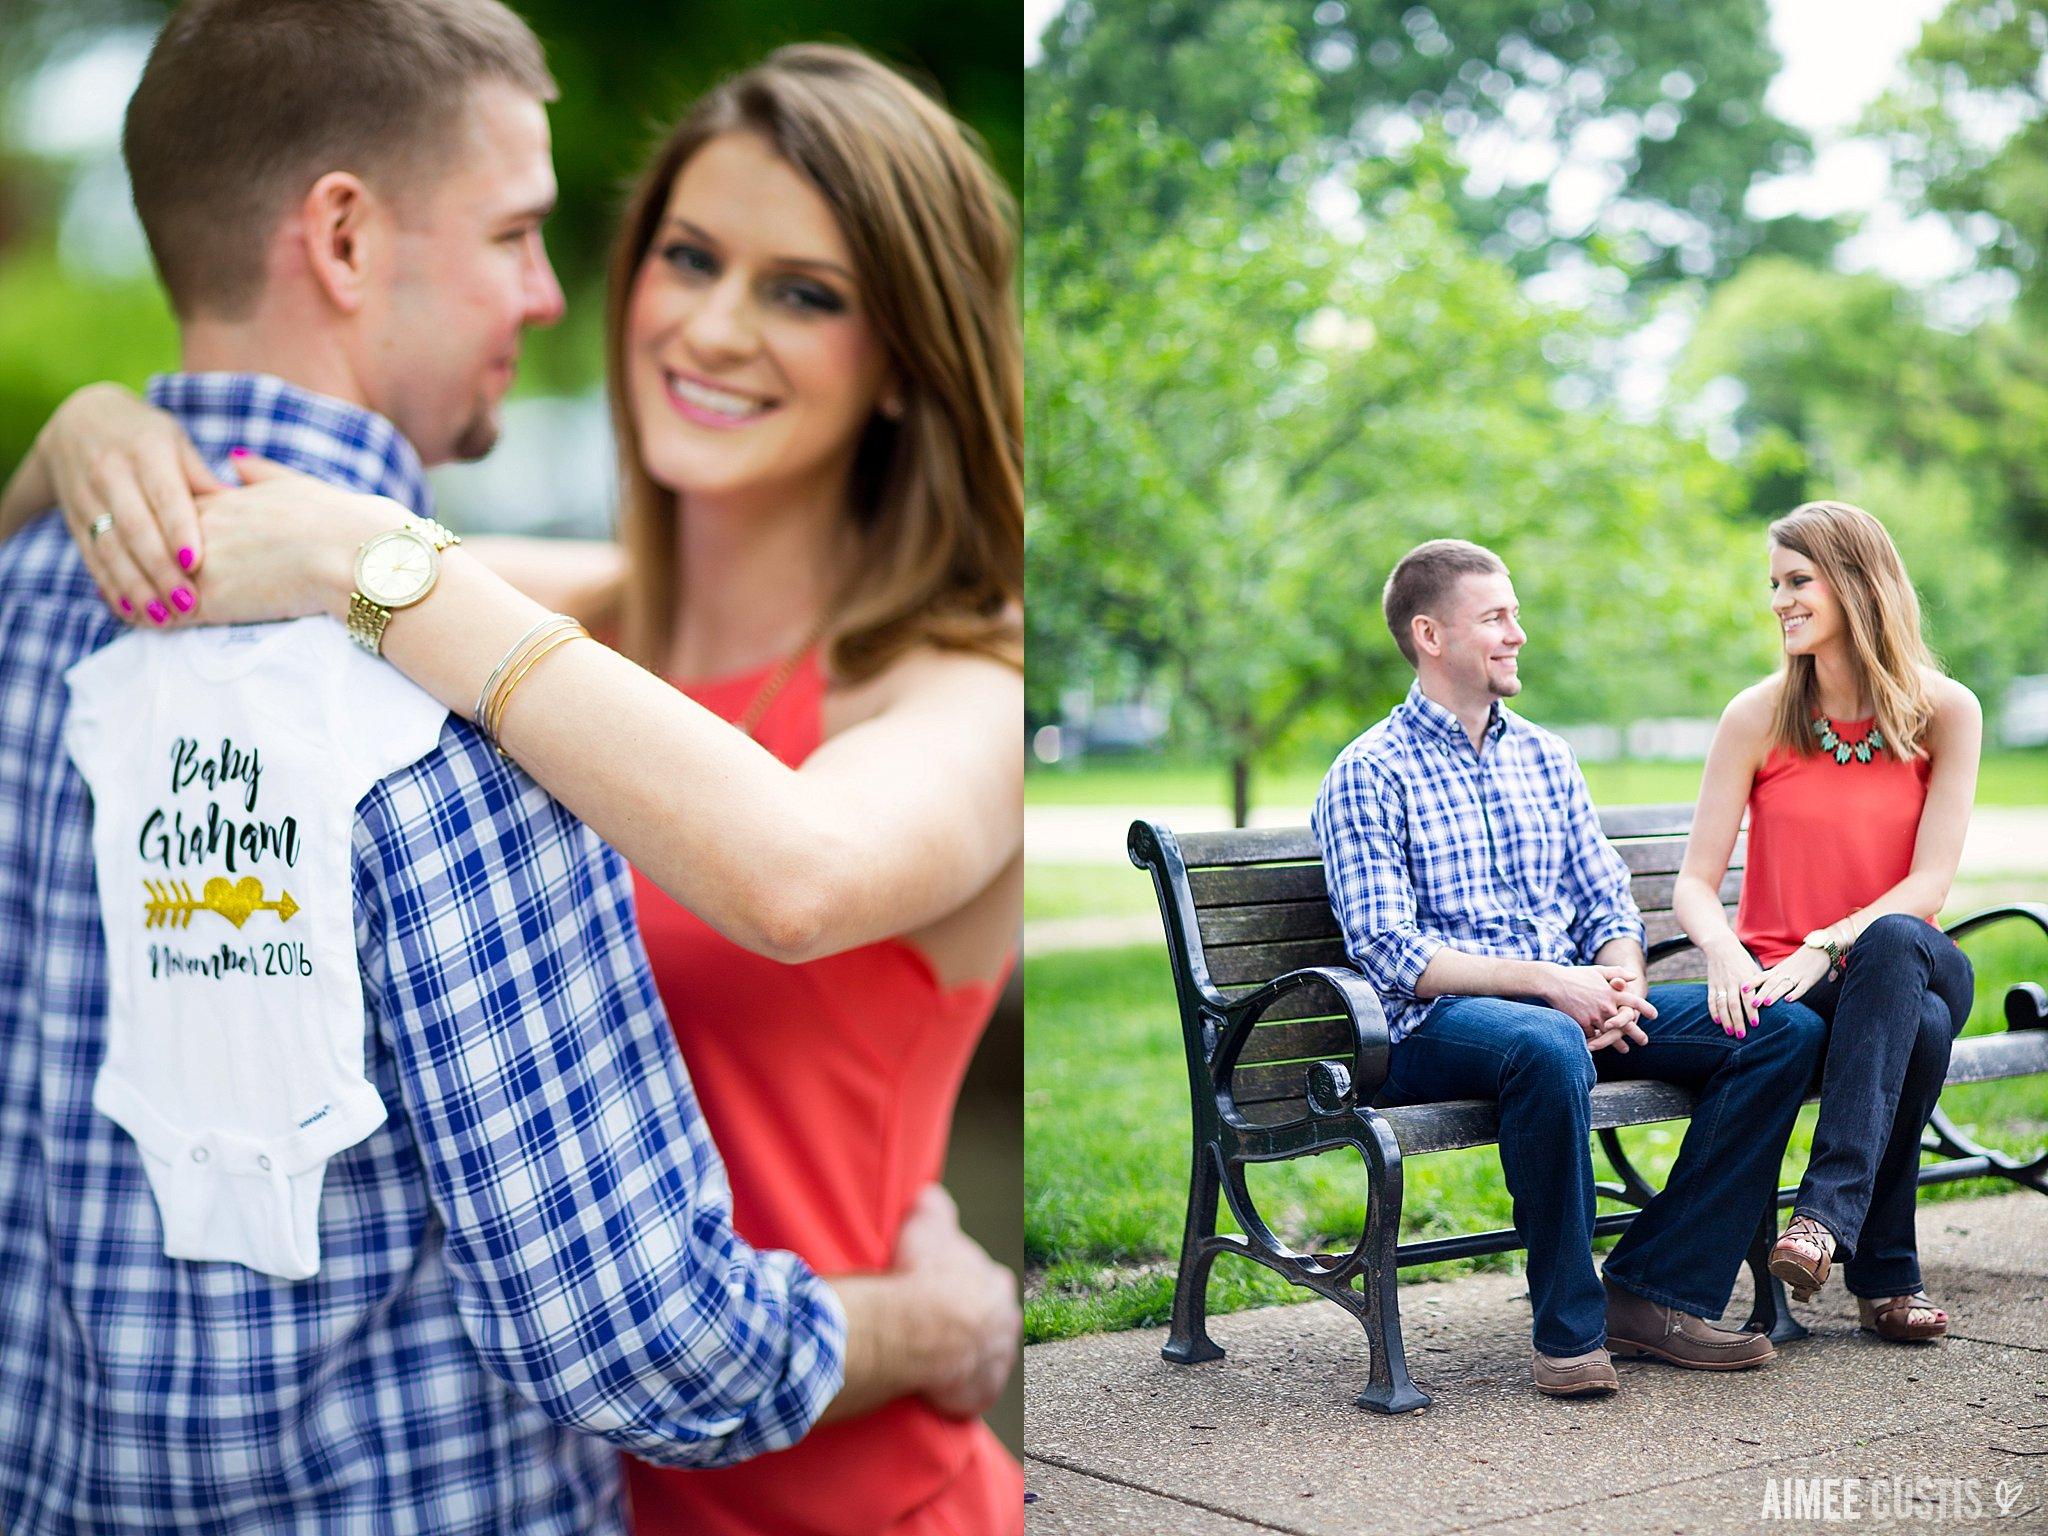 Washington DC couples portrait photography